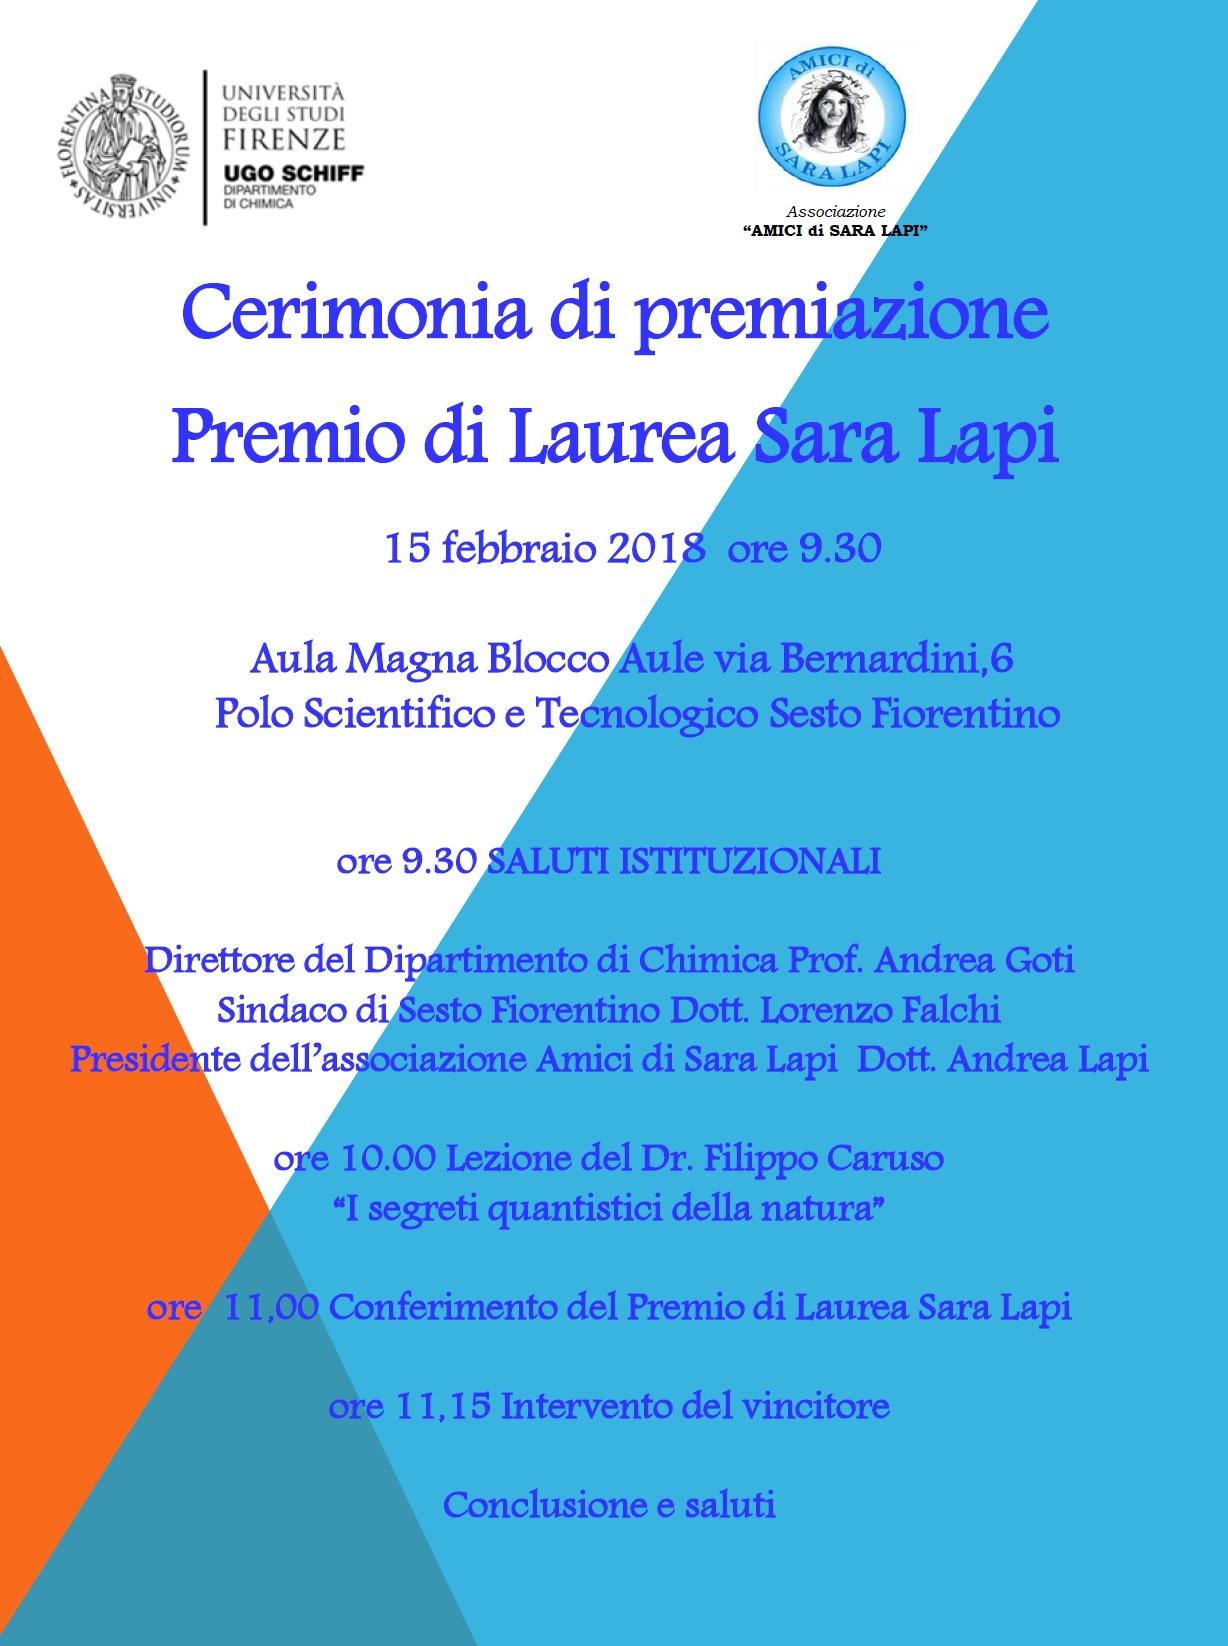 Cerimonia premio di laurea Sara Lapi